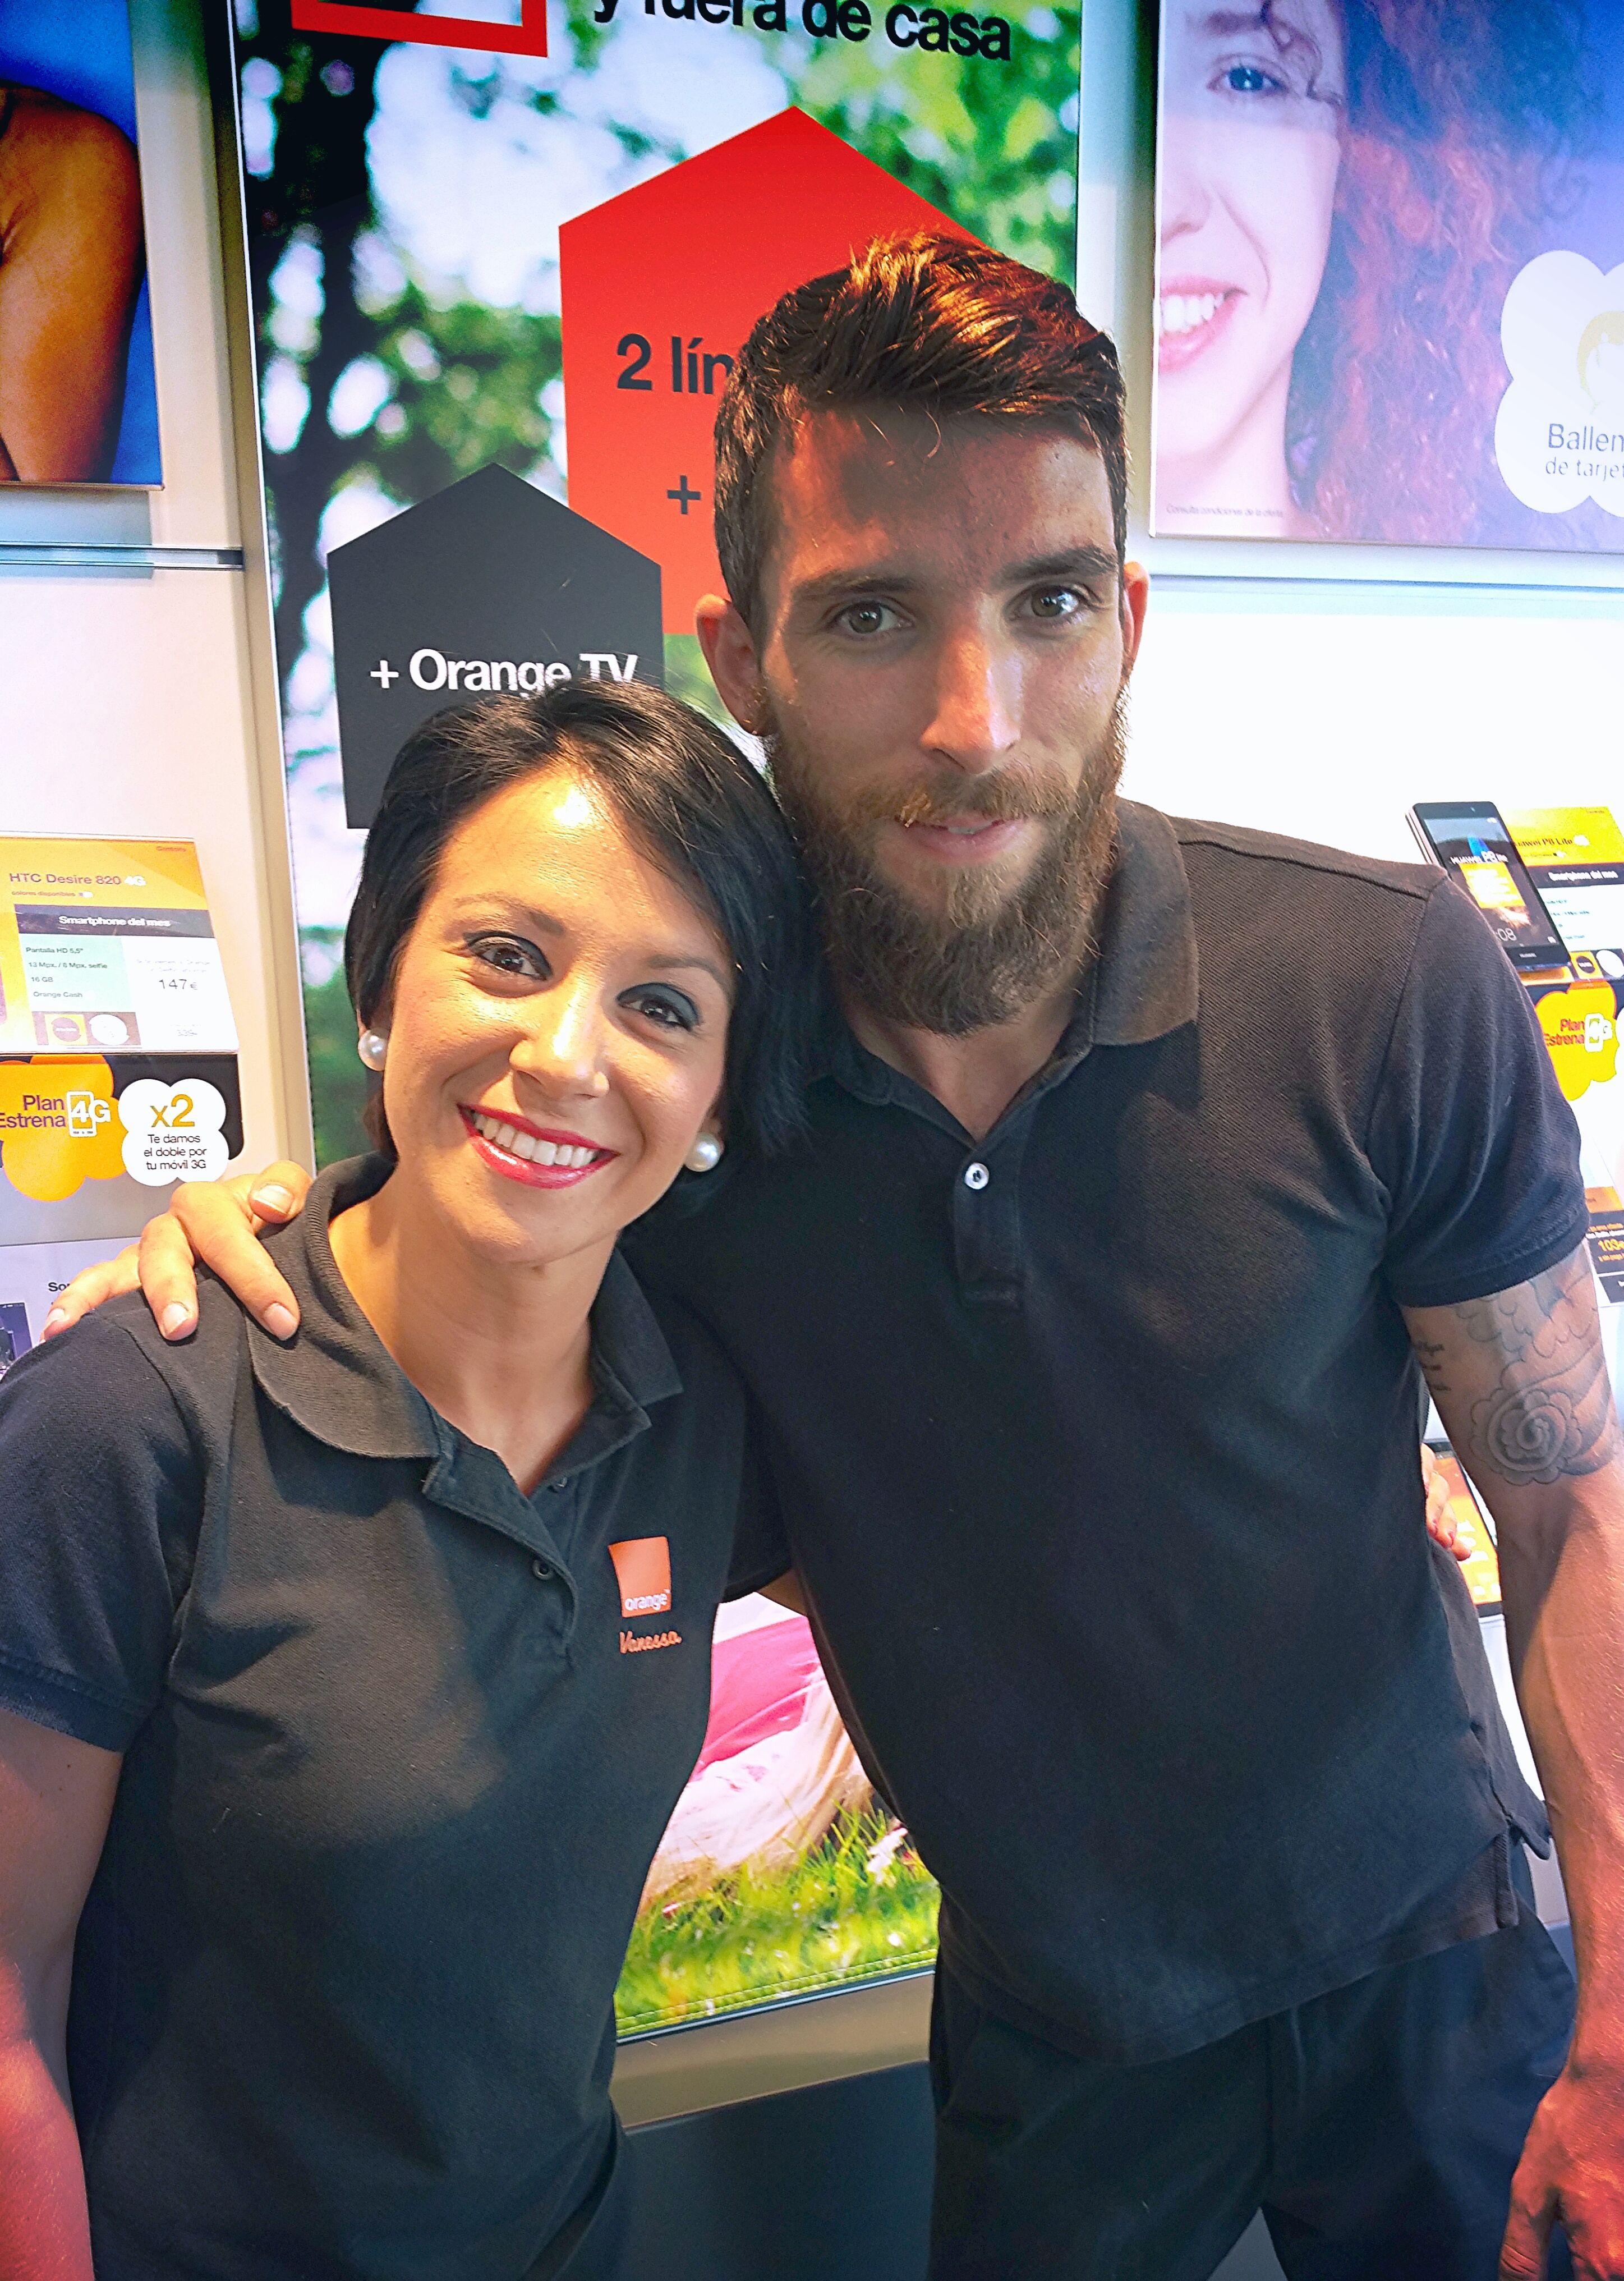 Vanessa Y Pedro Os Esperan En La Tienda Orange Archiduque Carlos